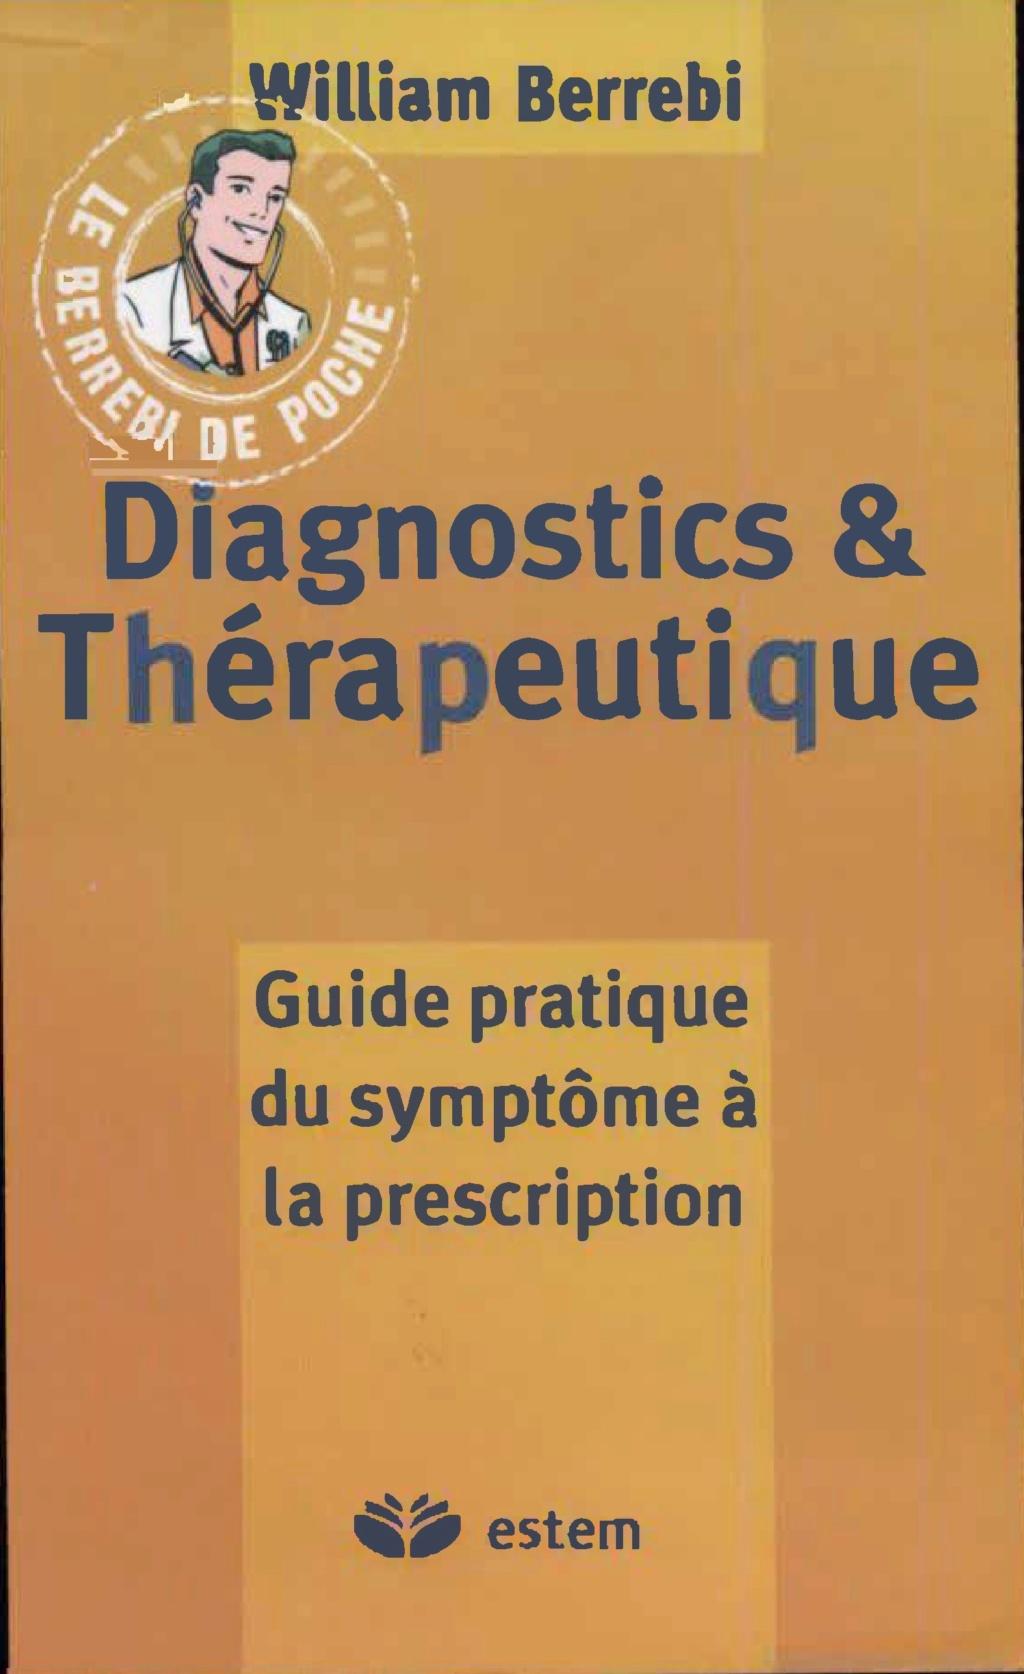 Livres Médicales - Diagnostics et thérapeutique : Guide pratique du symptôme à la prescription - Page 2 Diagno10